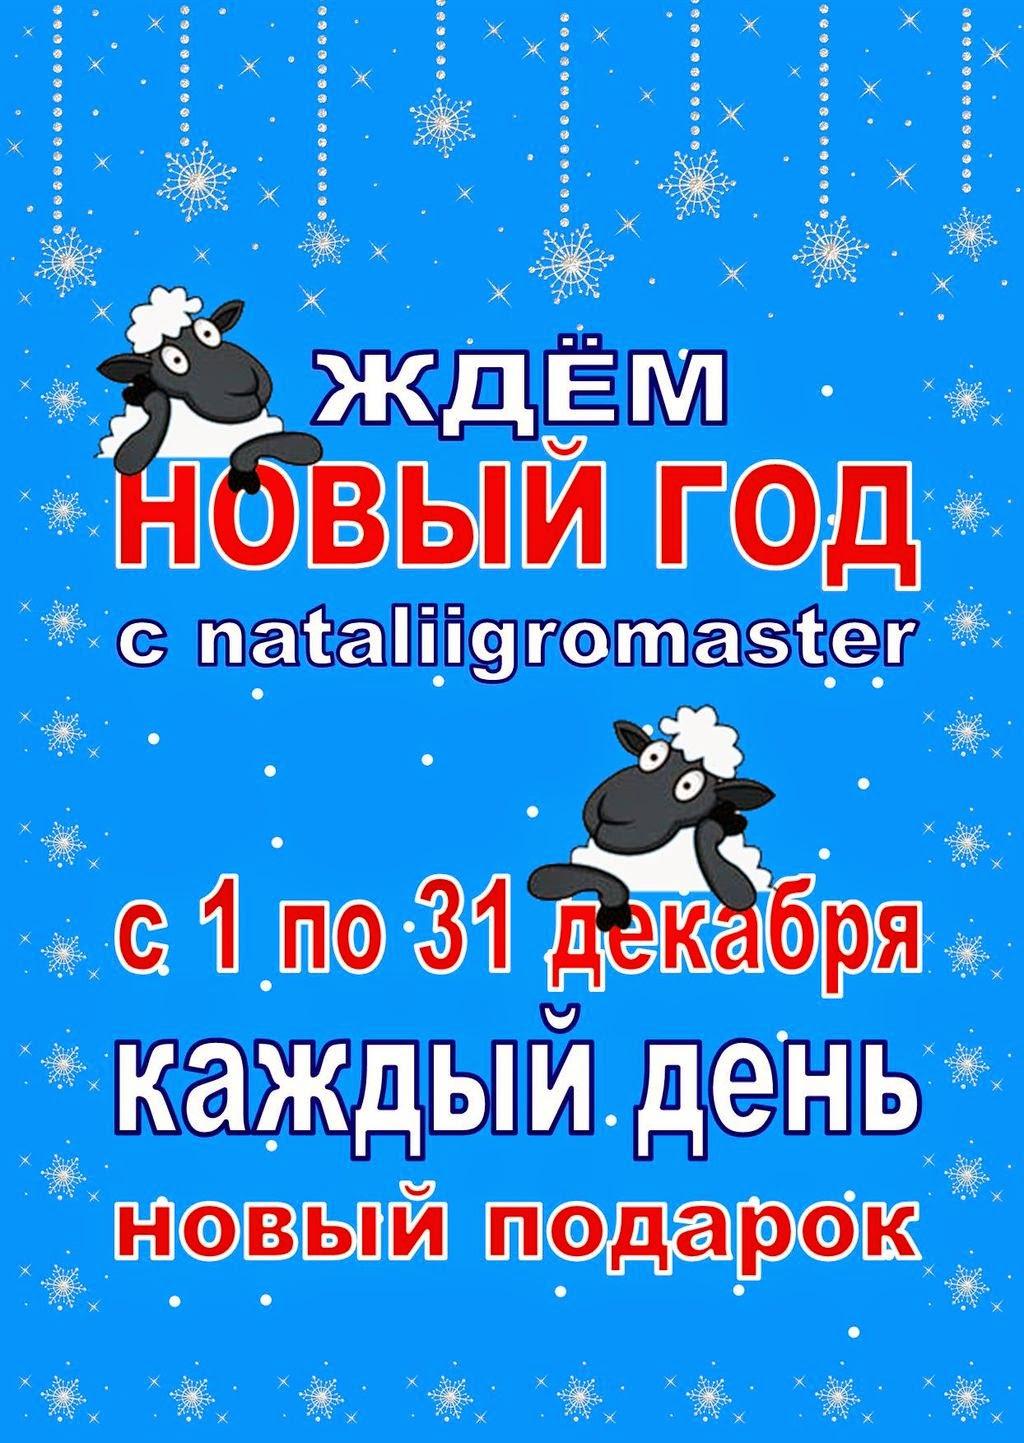 ЖДЁМ НОВЫЙ ГОД с nataliigromaster